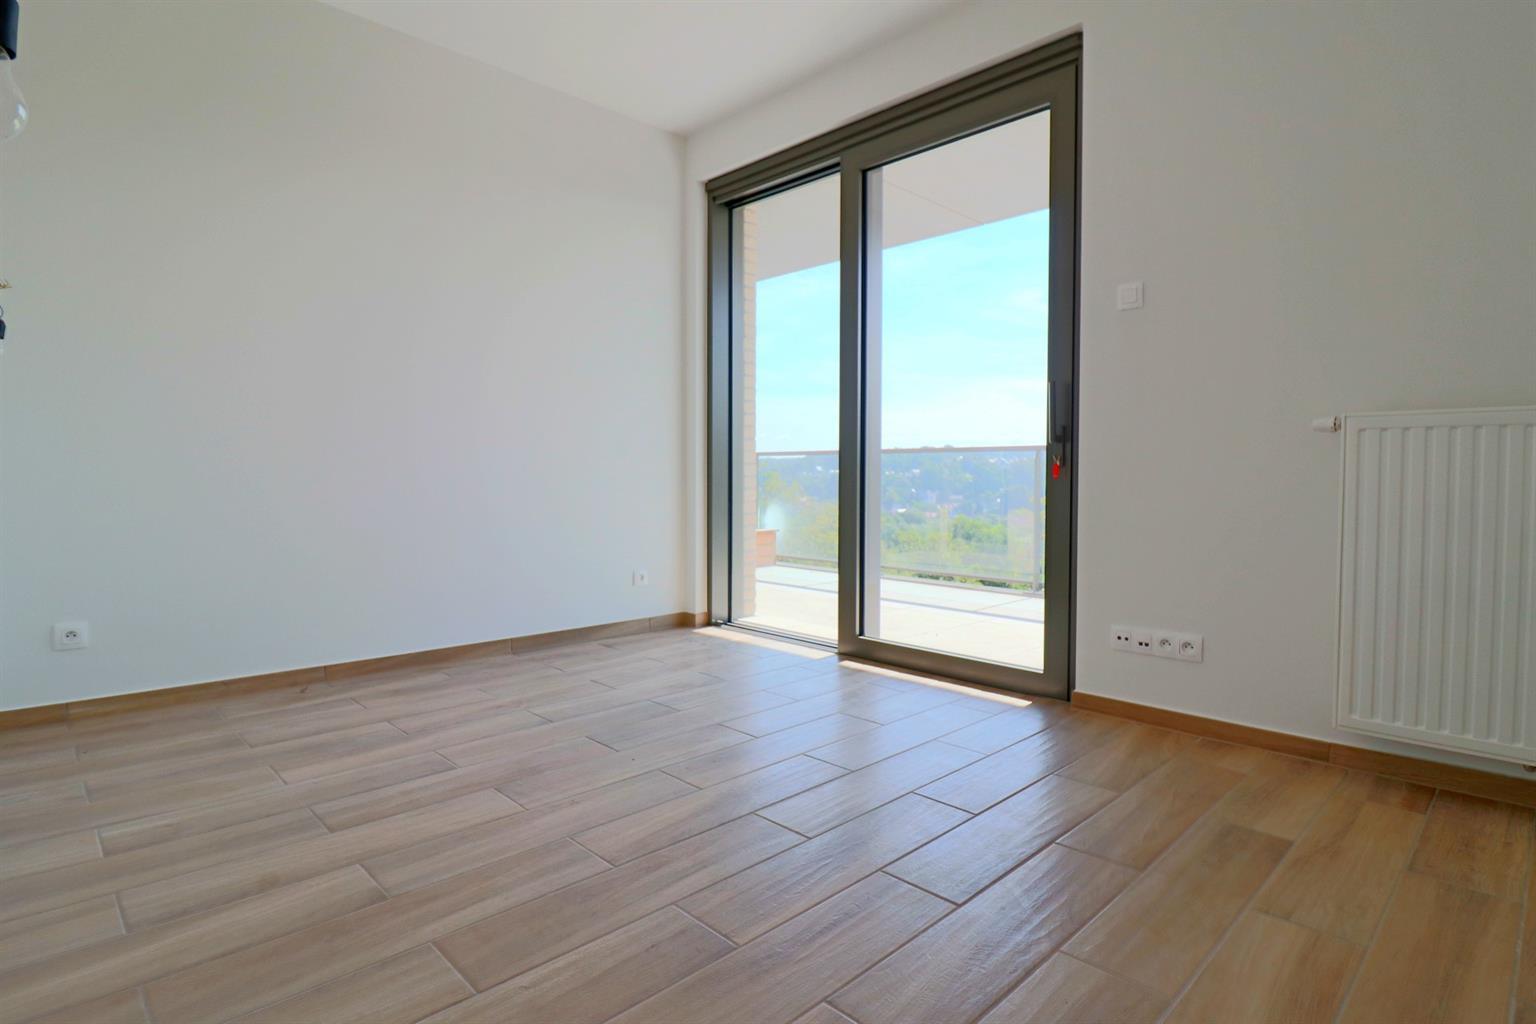 Appartement - Ottignies-Louvain-la-Neuve - #4406864-7